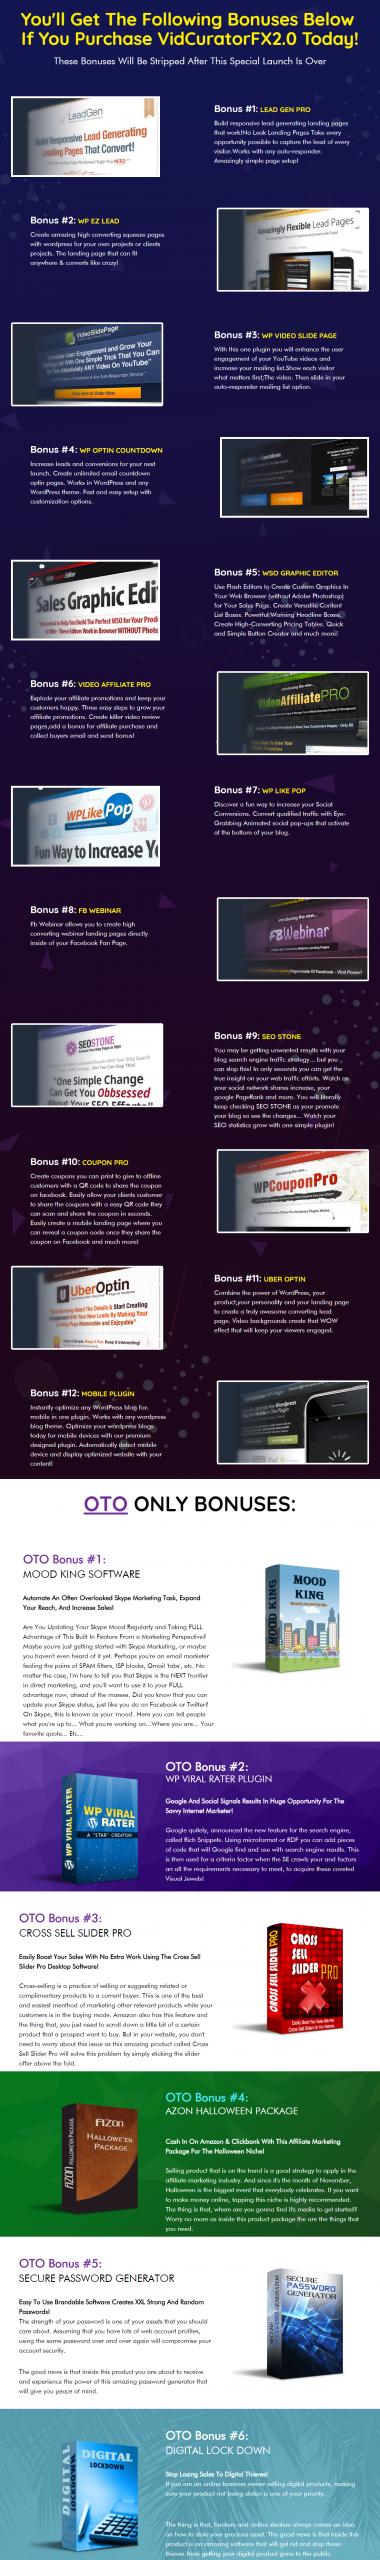 VidCuratorFX 2.0 bonus